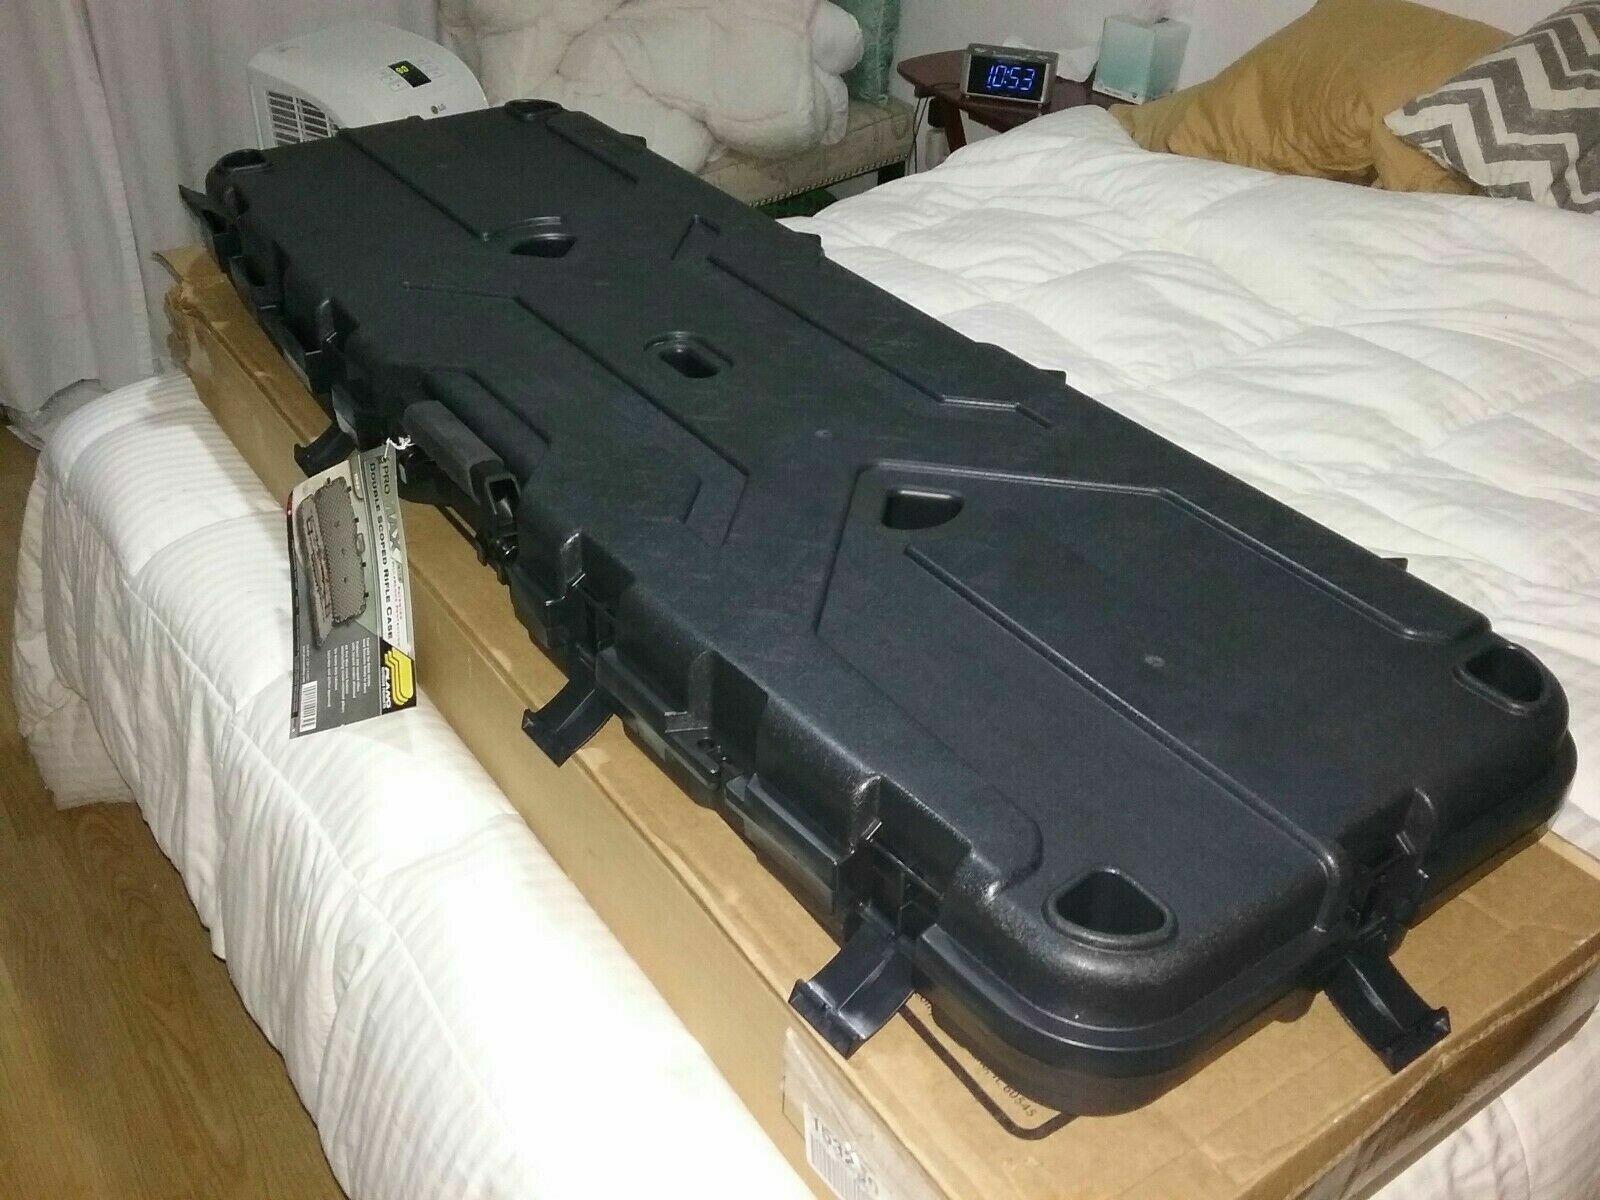 NEW Plano Pro Max Double Scoped Rifle Pistol Bows Gun Case A